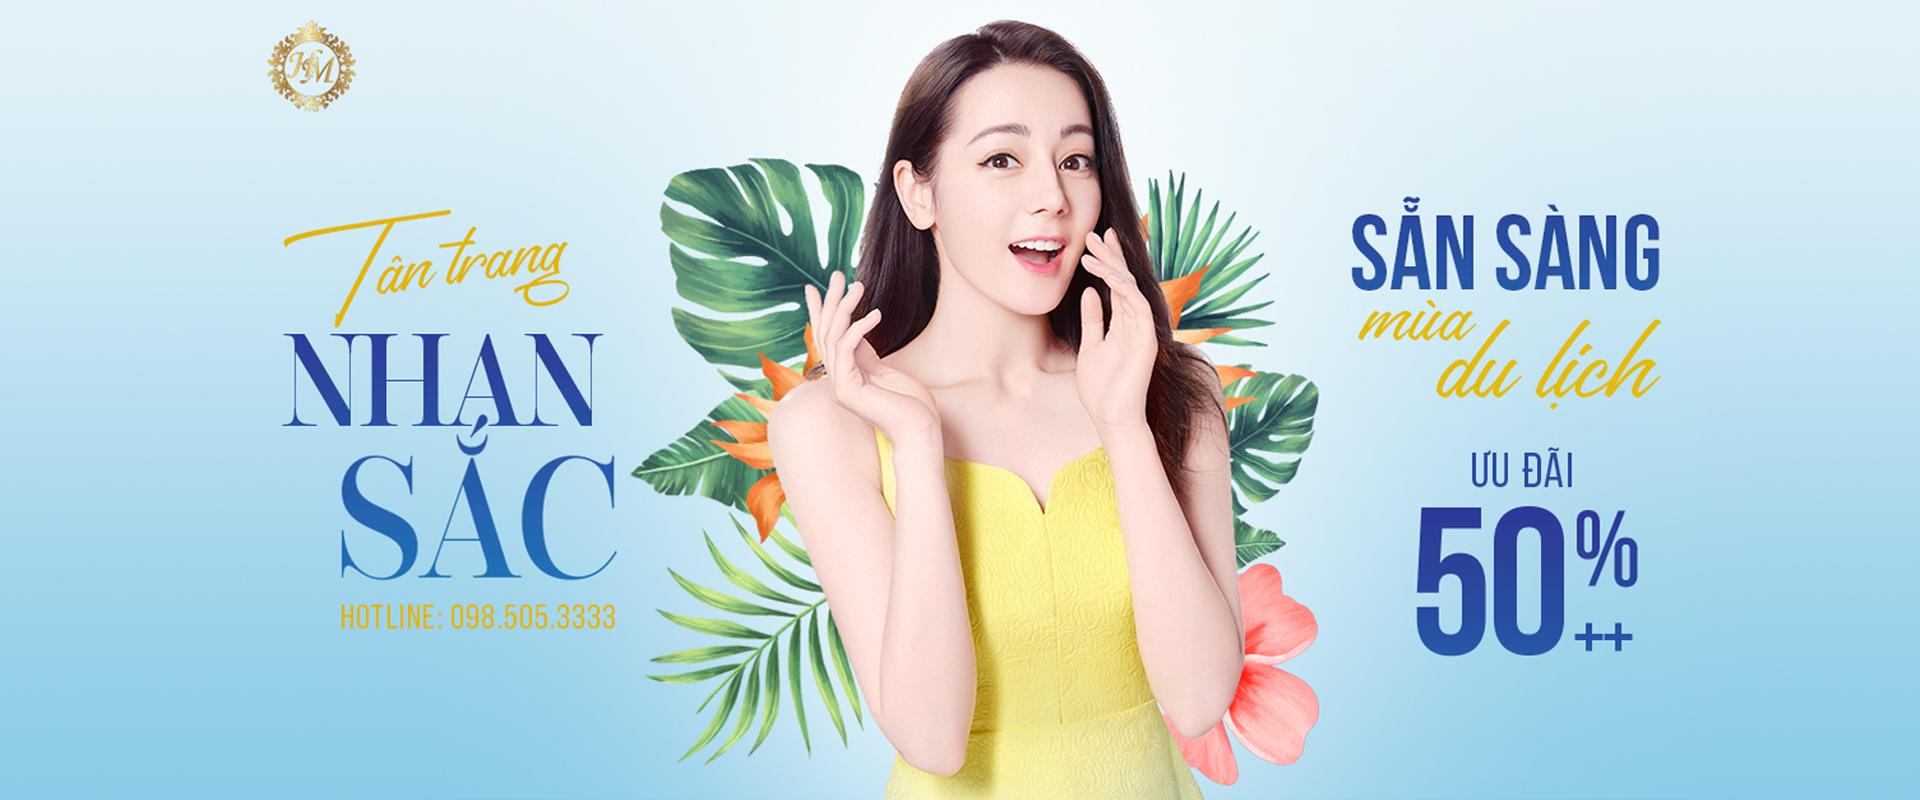 Phun xăm thẩm mỹ Hương Spa